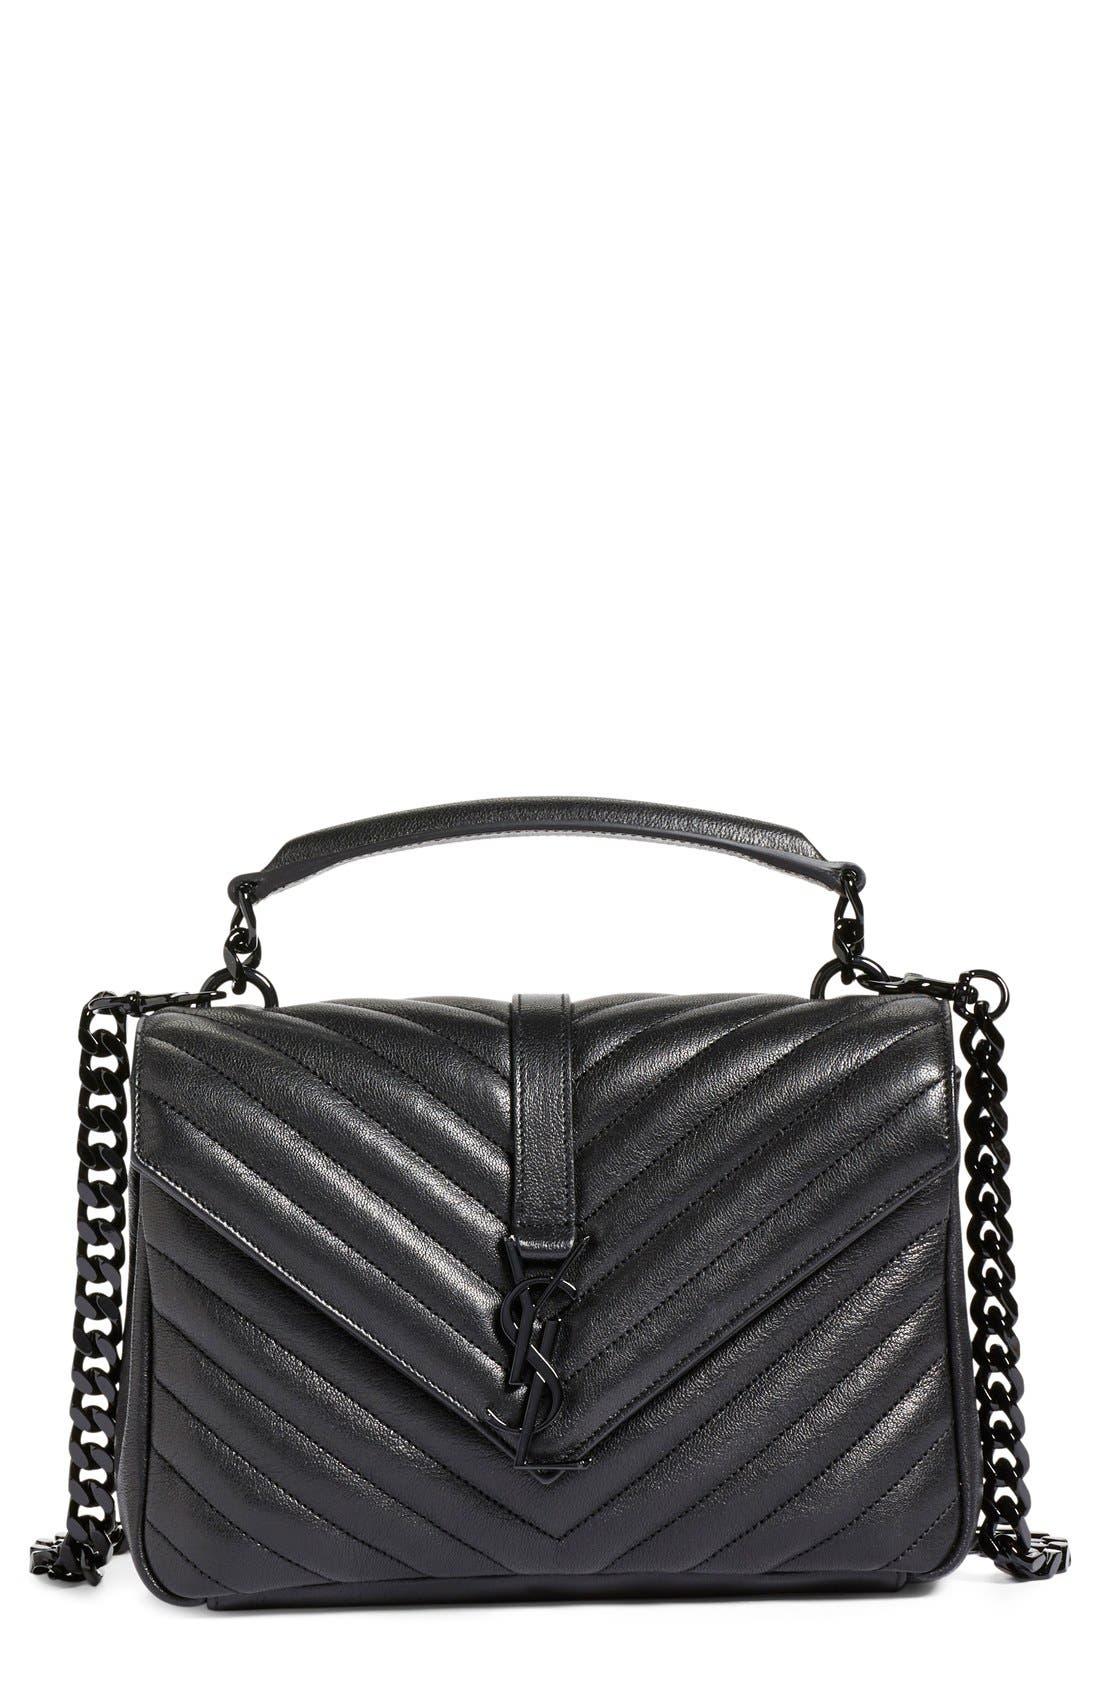 Alternate Image 1 Selected - Saint Laurent 'Medium College' Quilted Leather Shoulder Bag